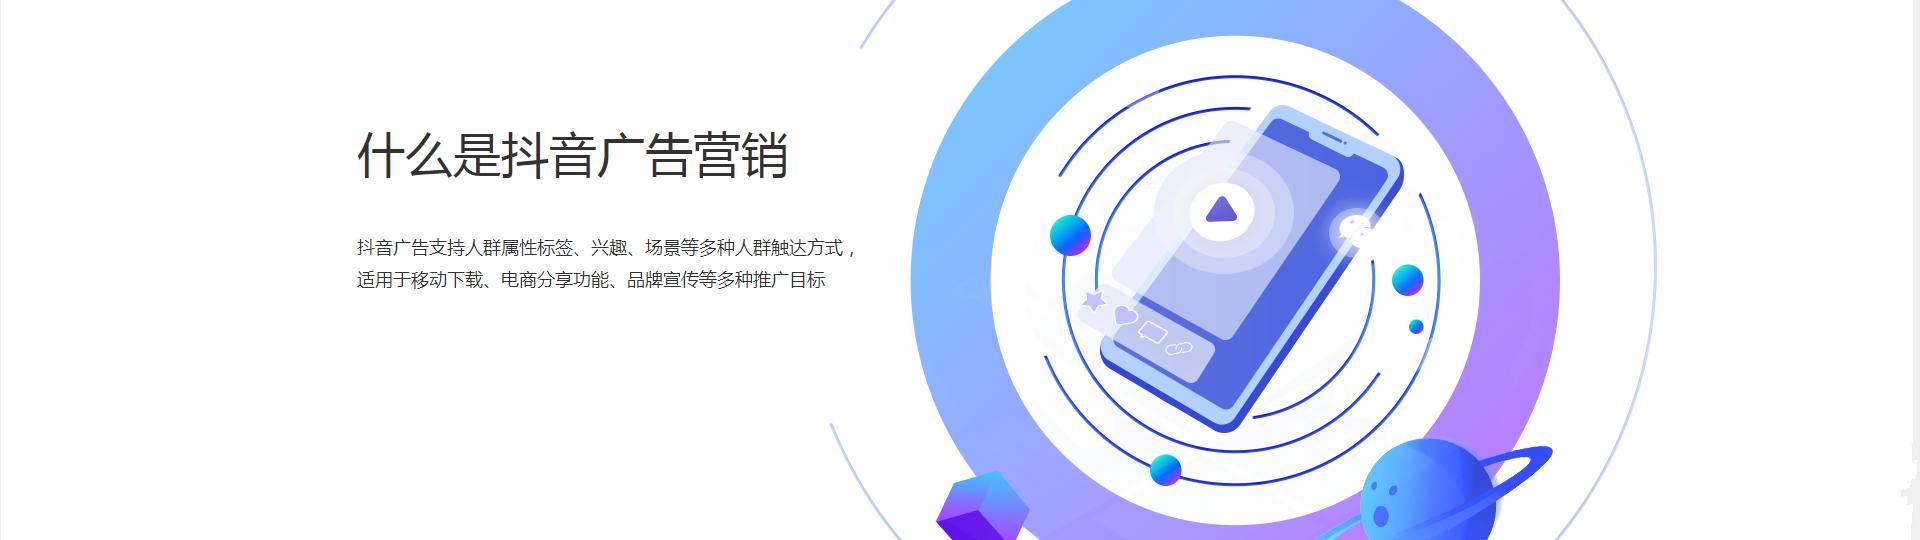 深圳抖音广告